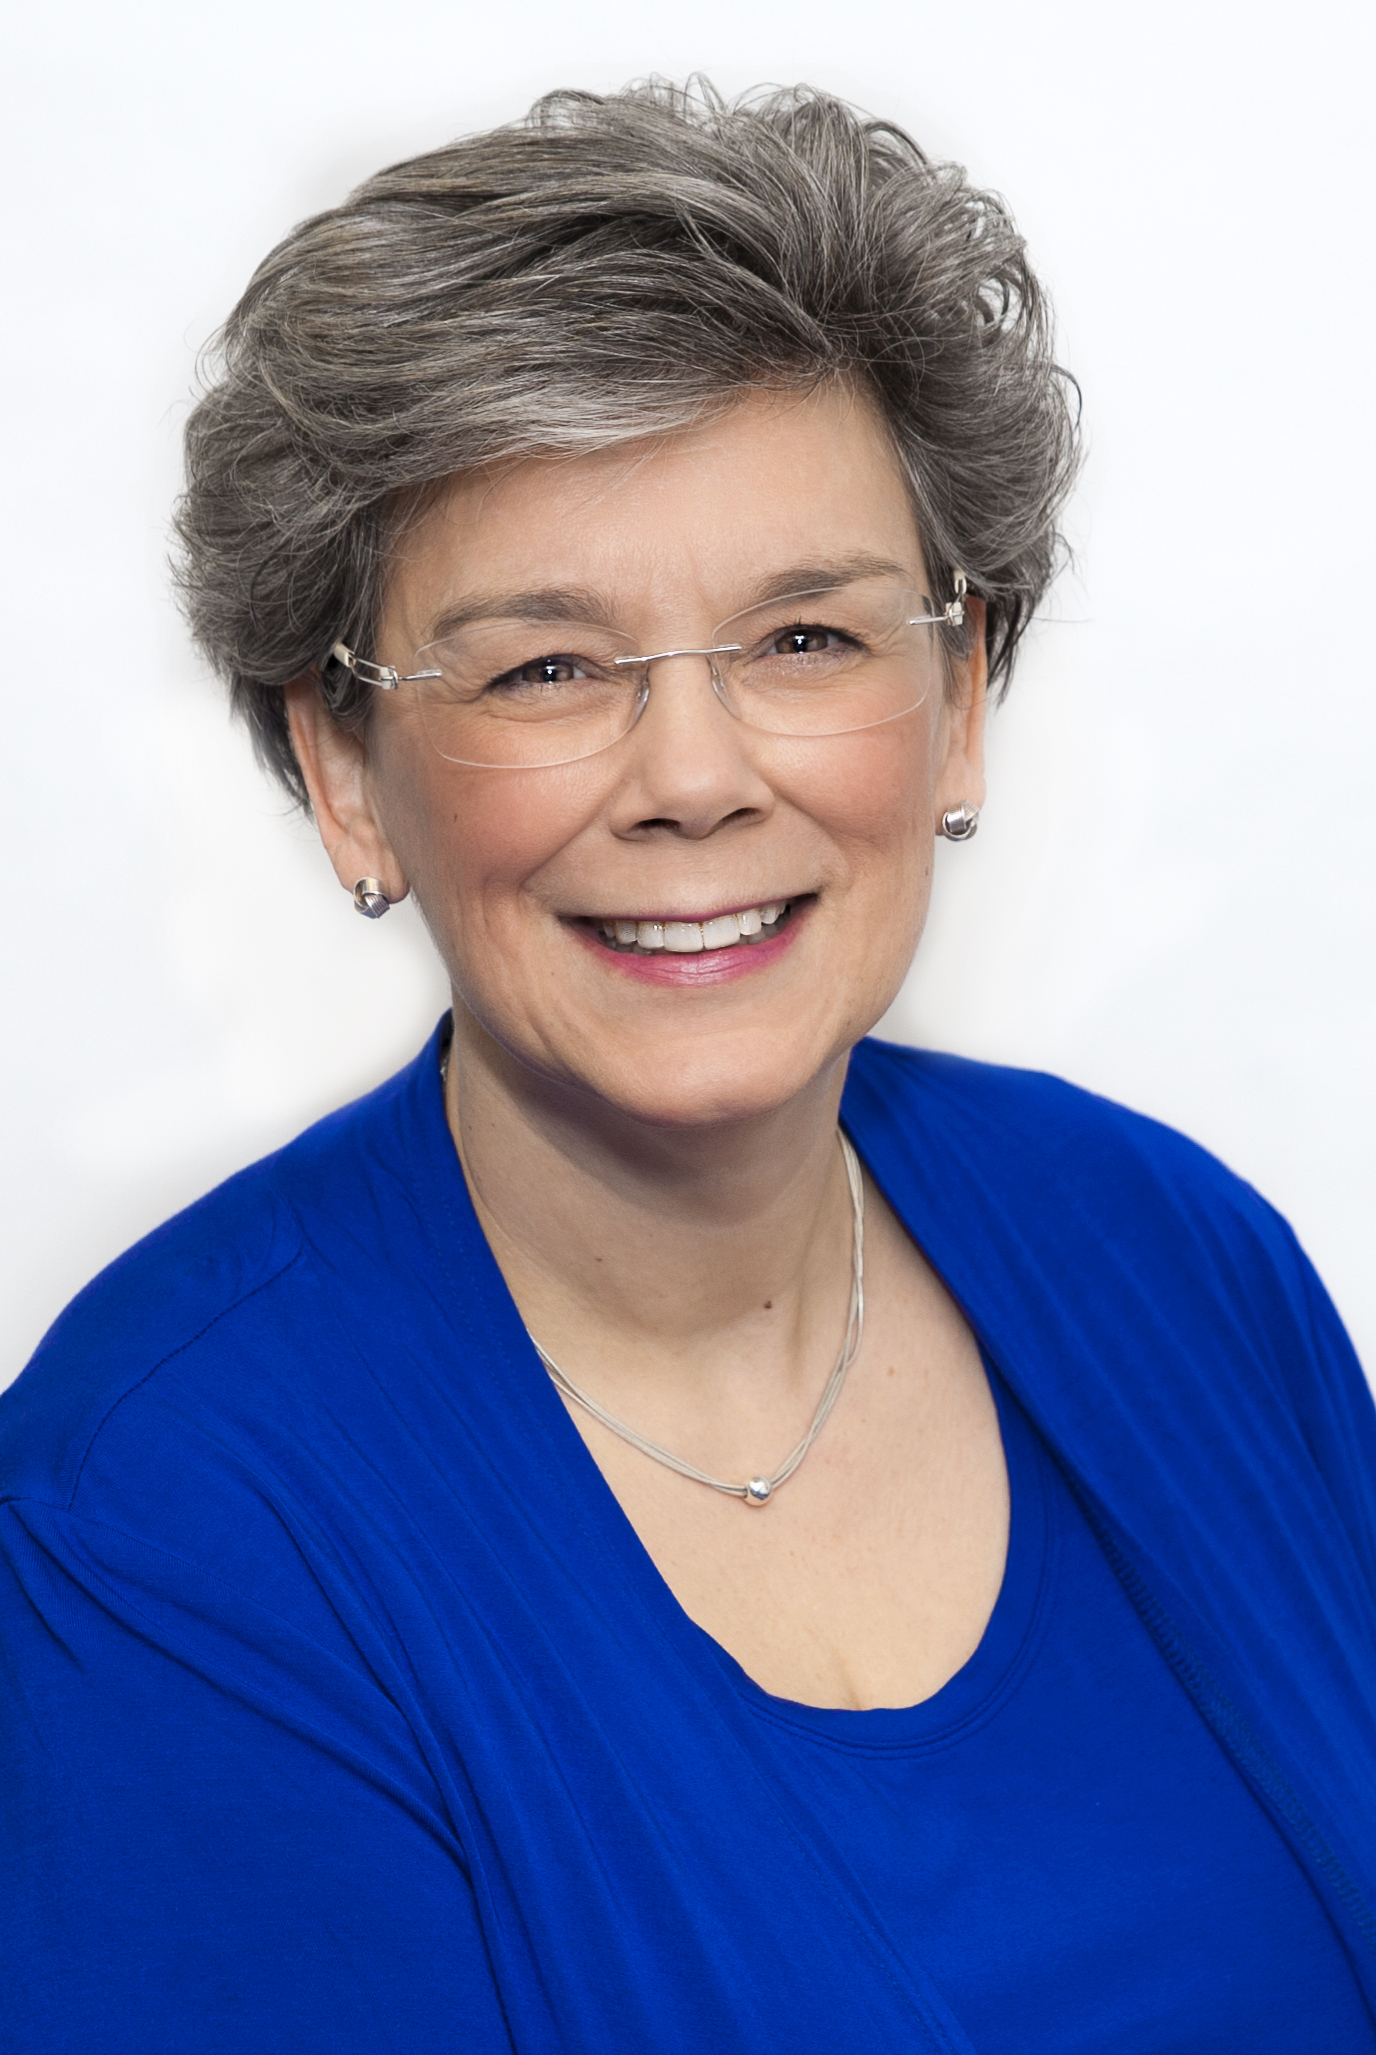 Jennifer Ewen